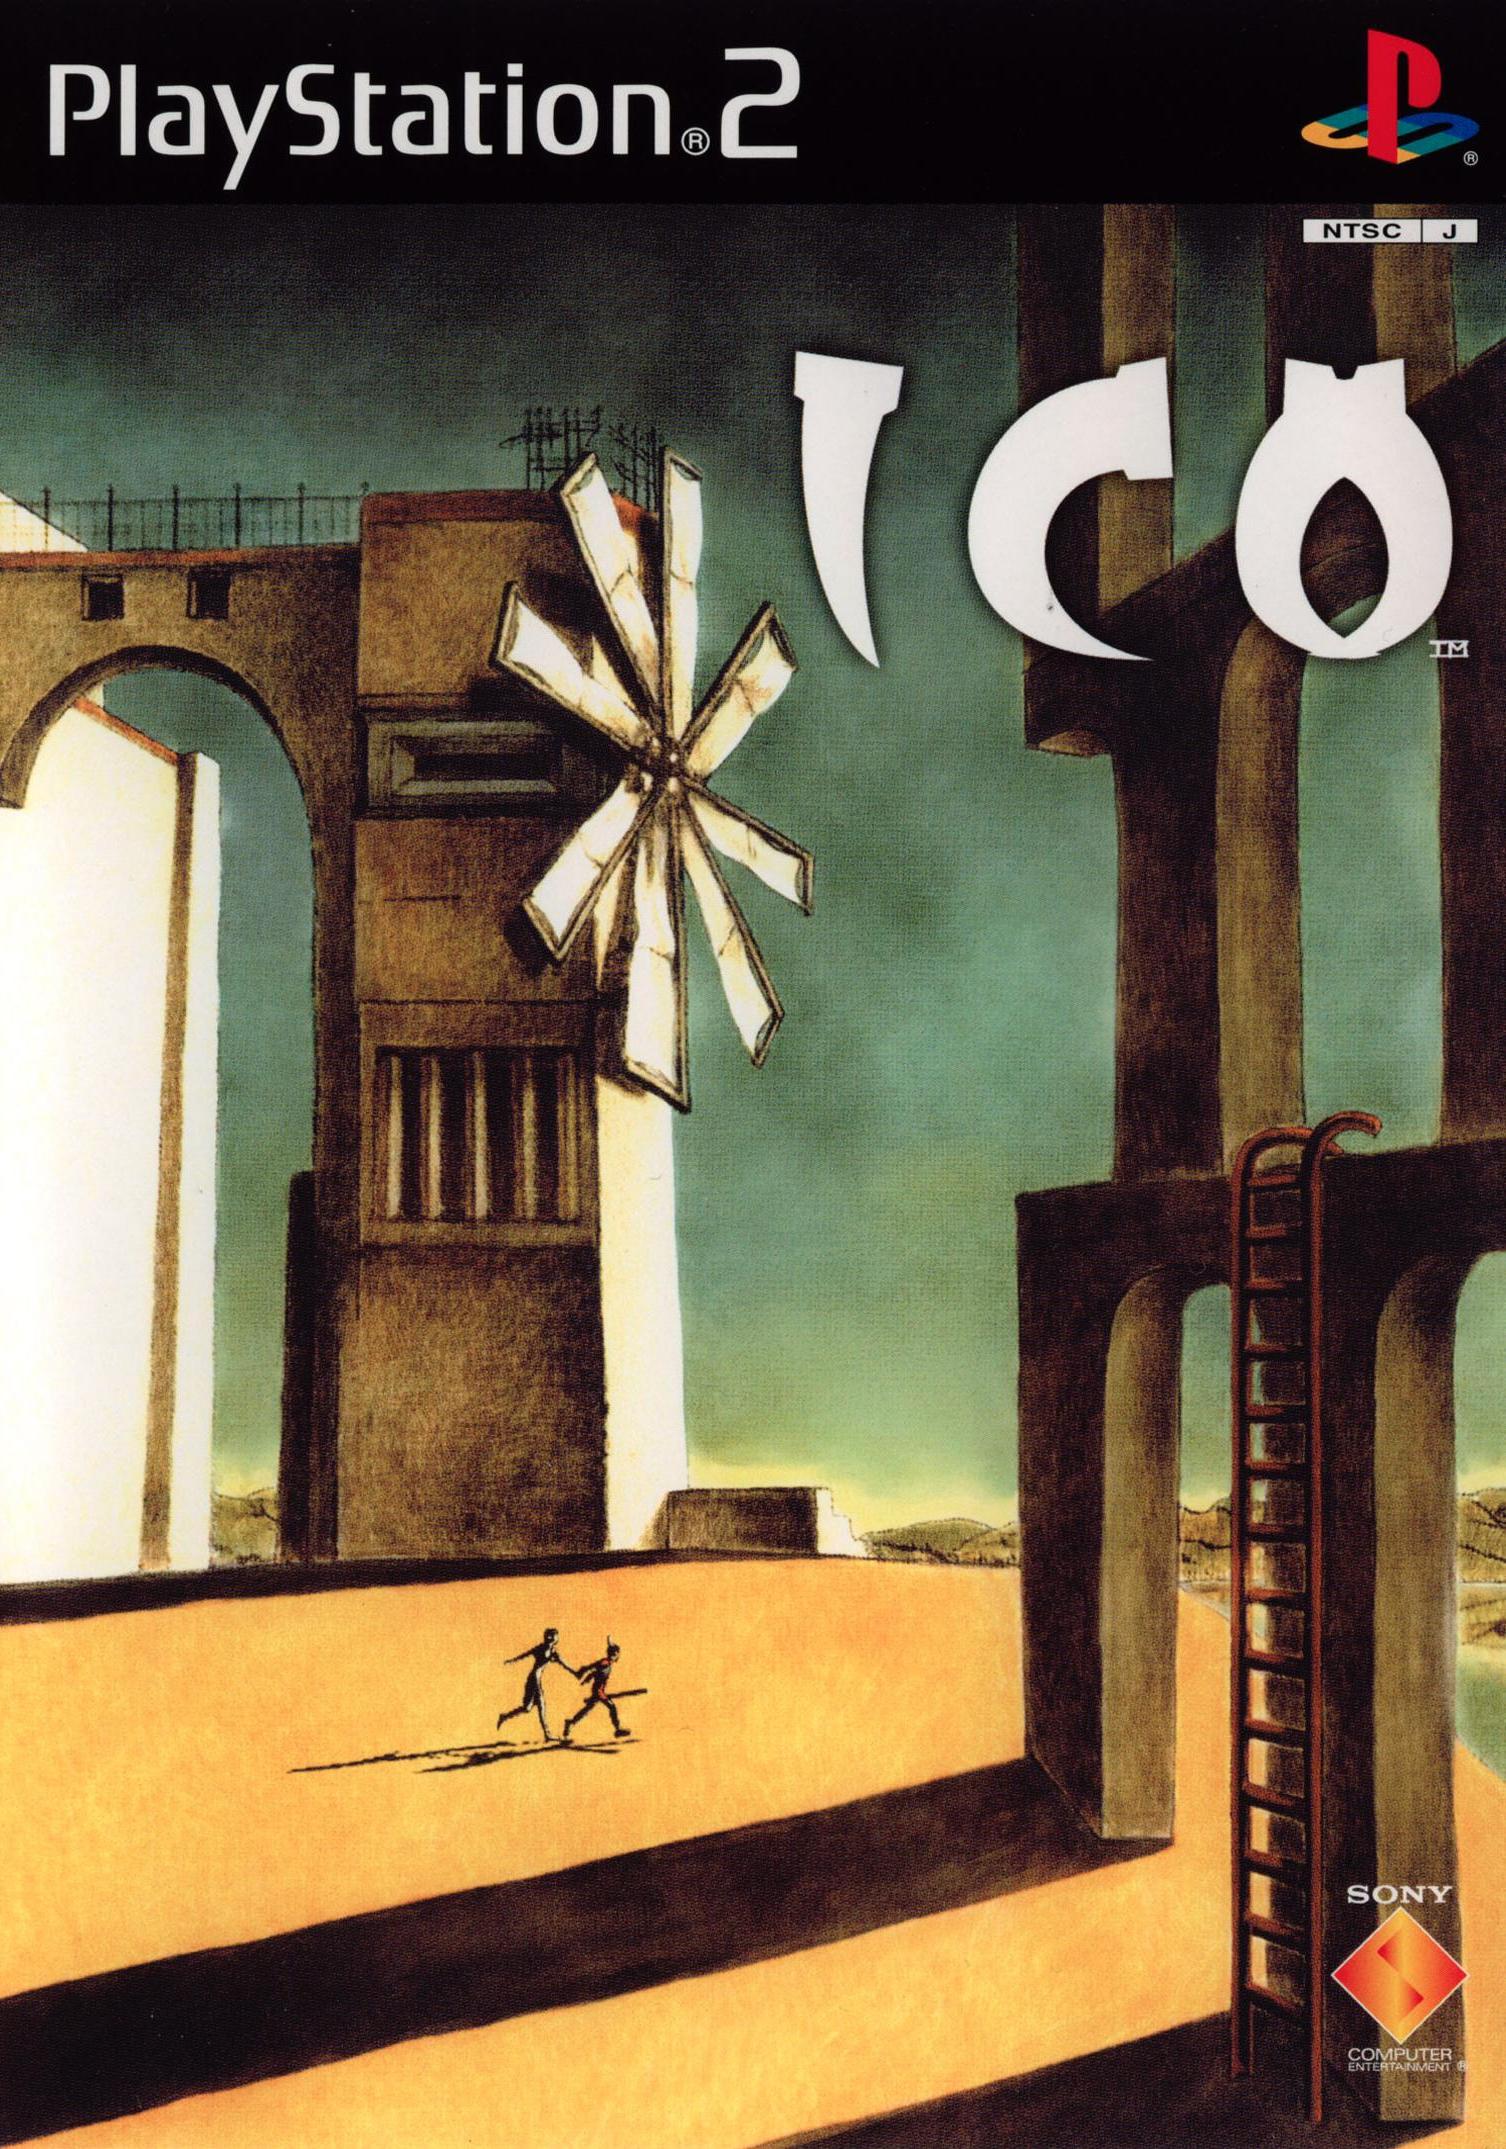 Resultado de imagem para Ico japanese cover